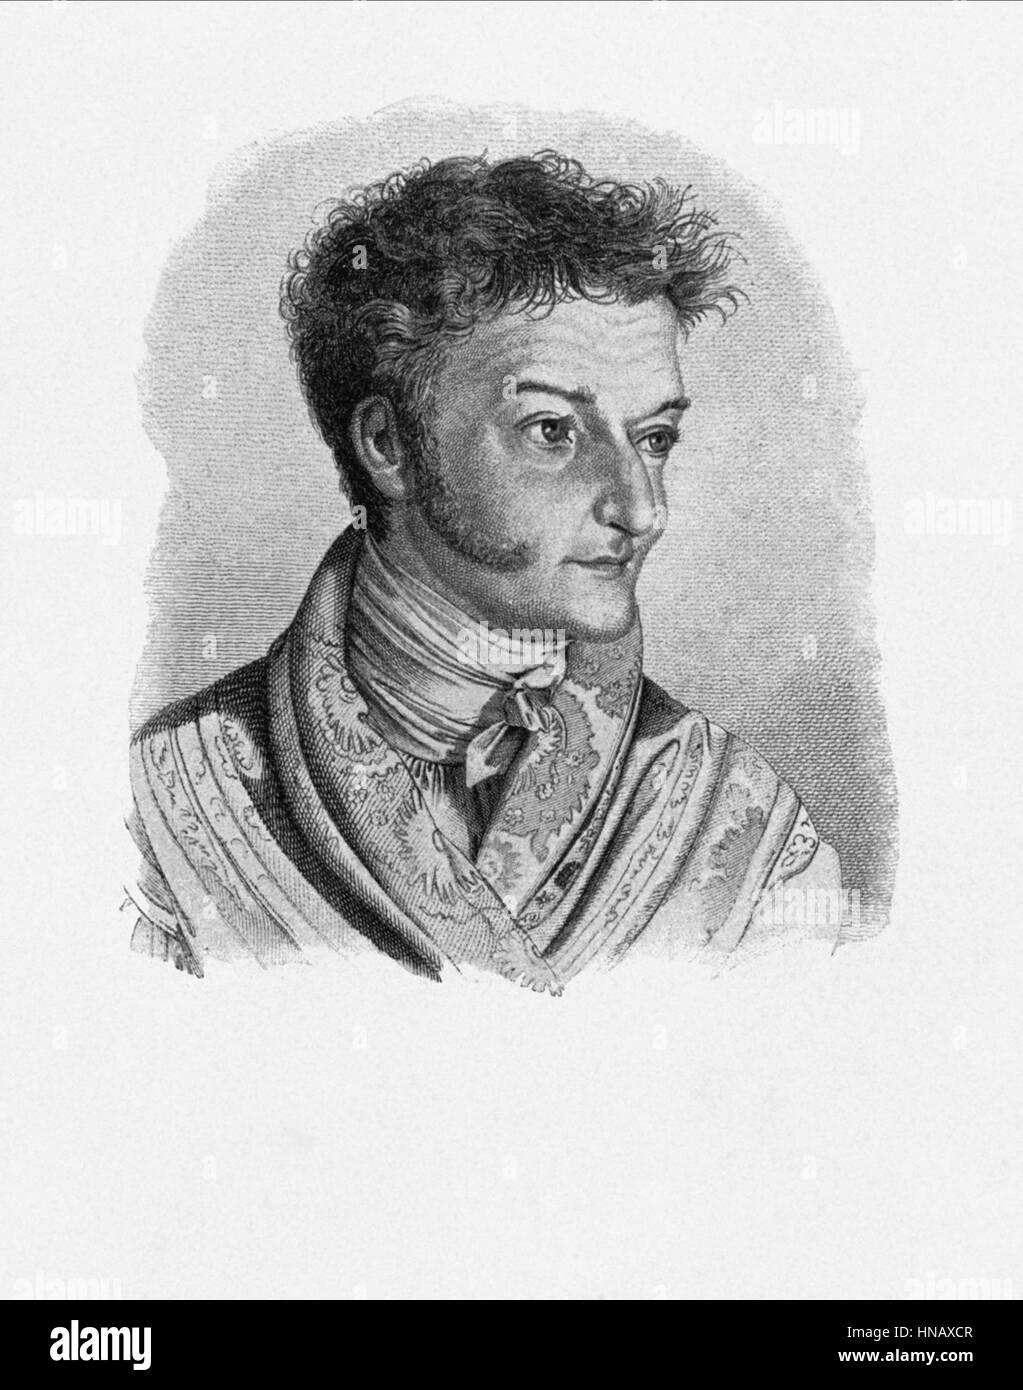 E.T.A. HOFFMANN WRITER (1800) - Stock Image